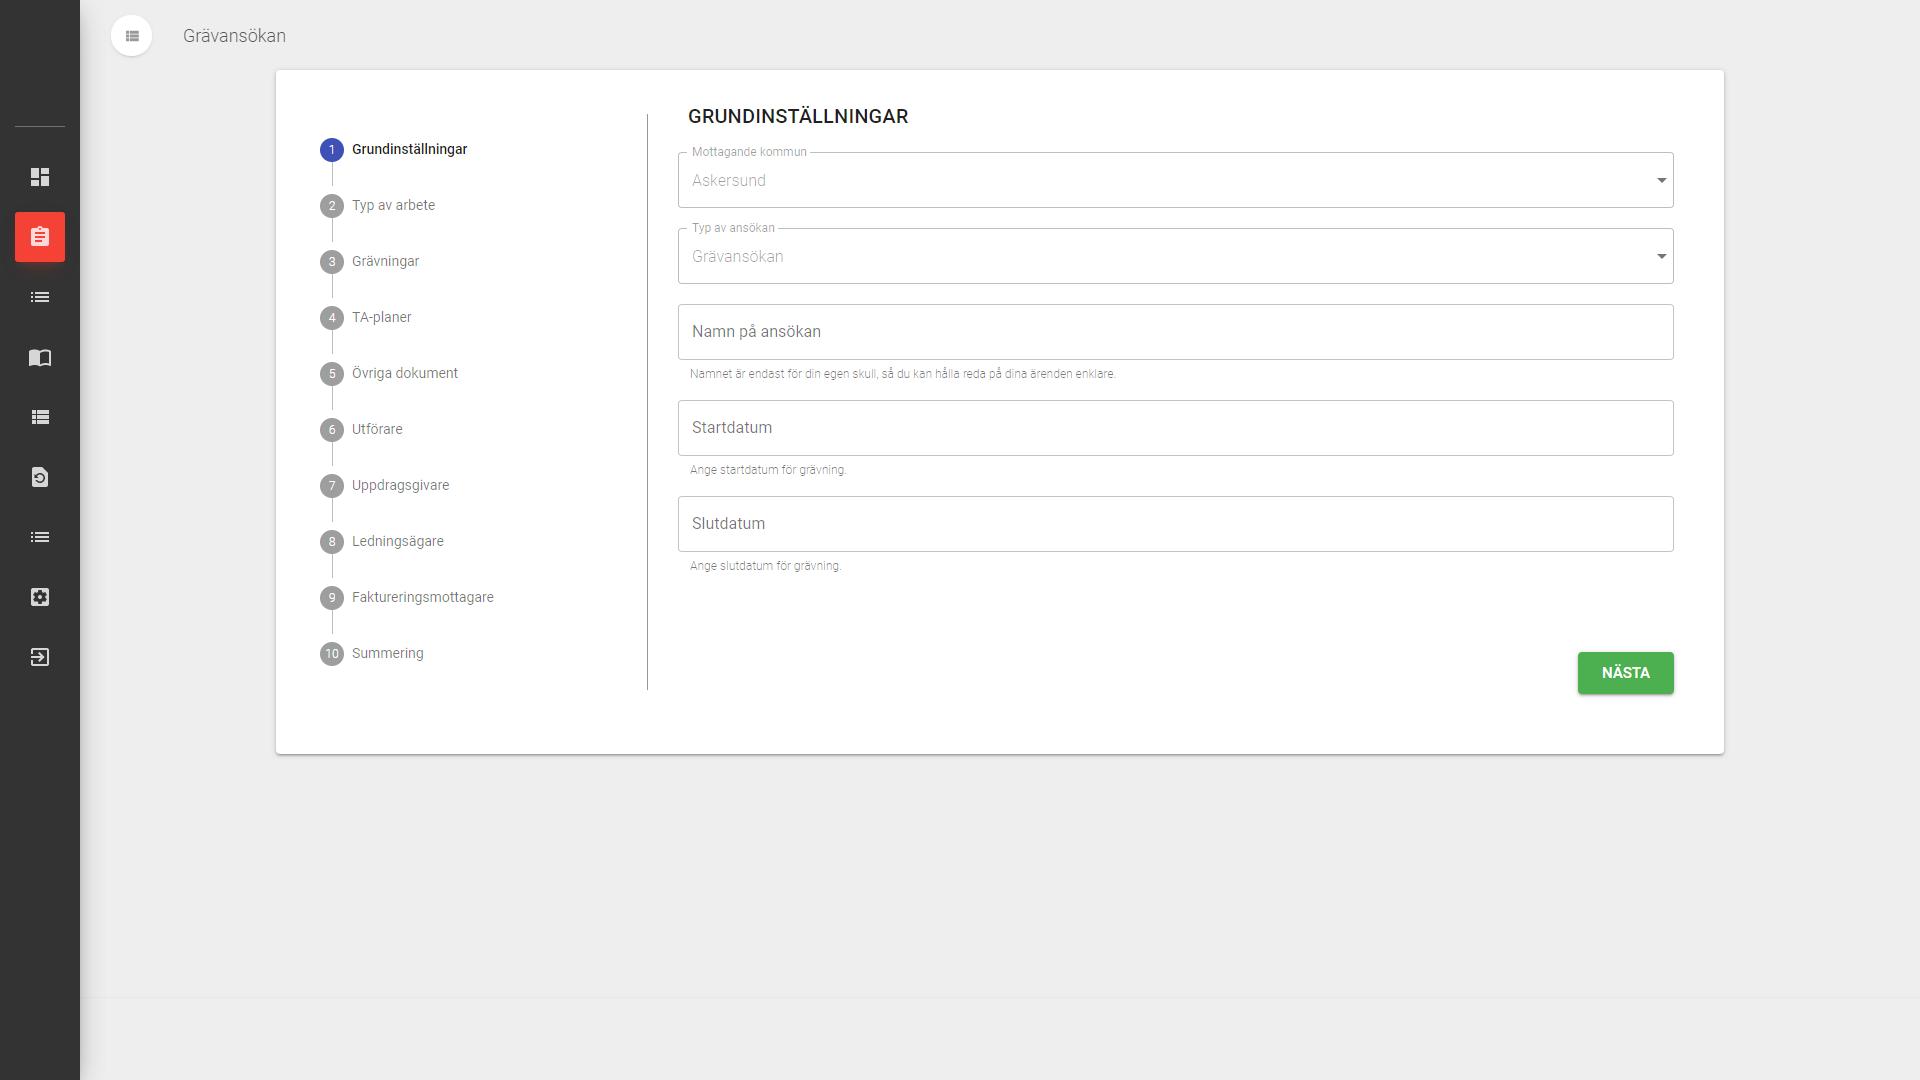 Enkelt ansökningsformulär